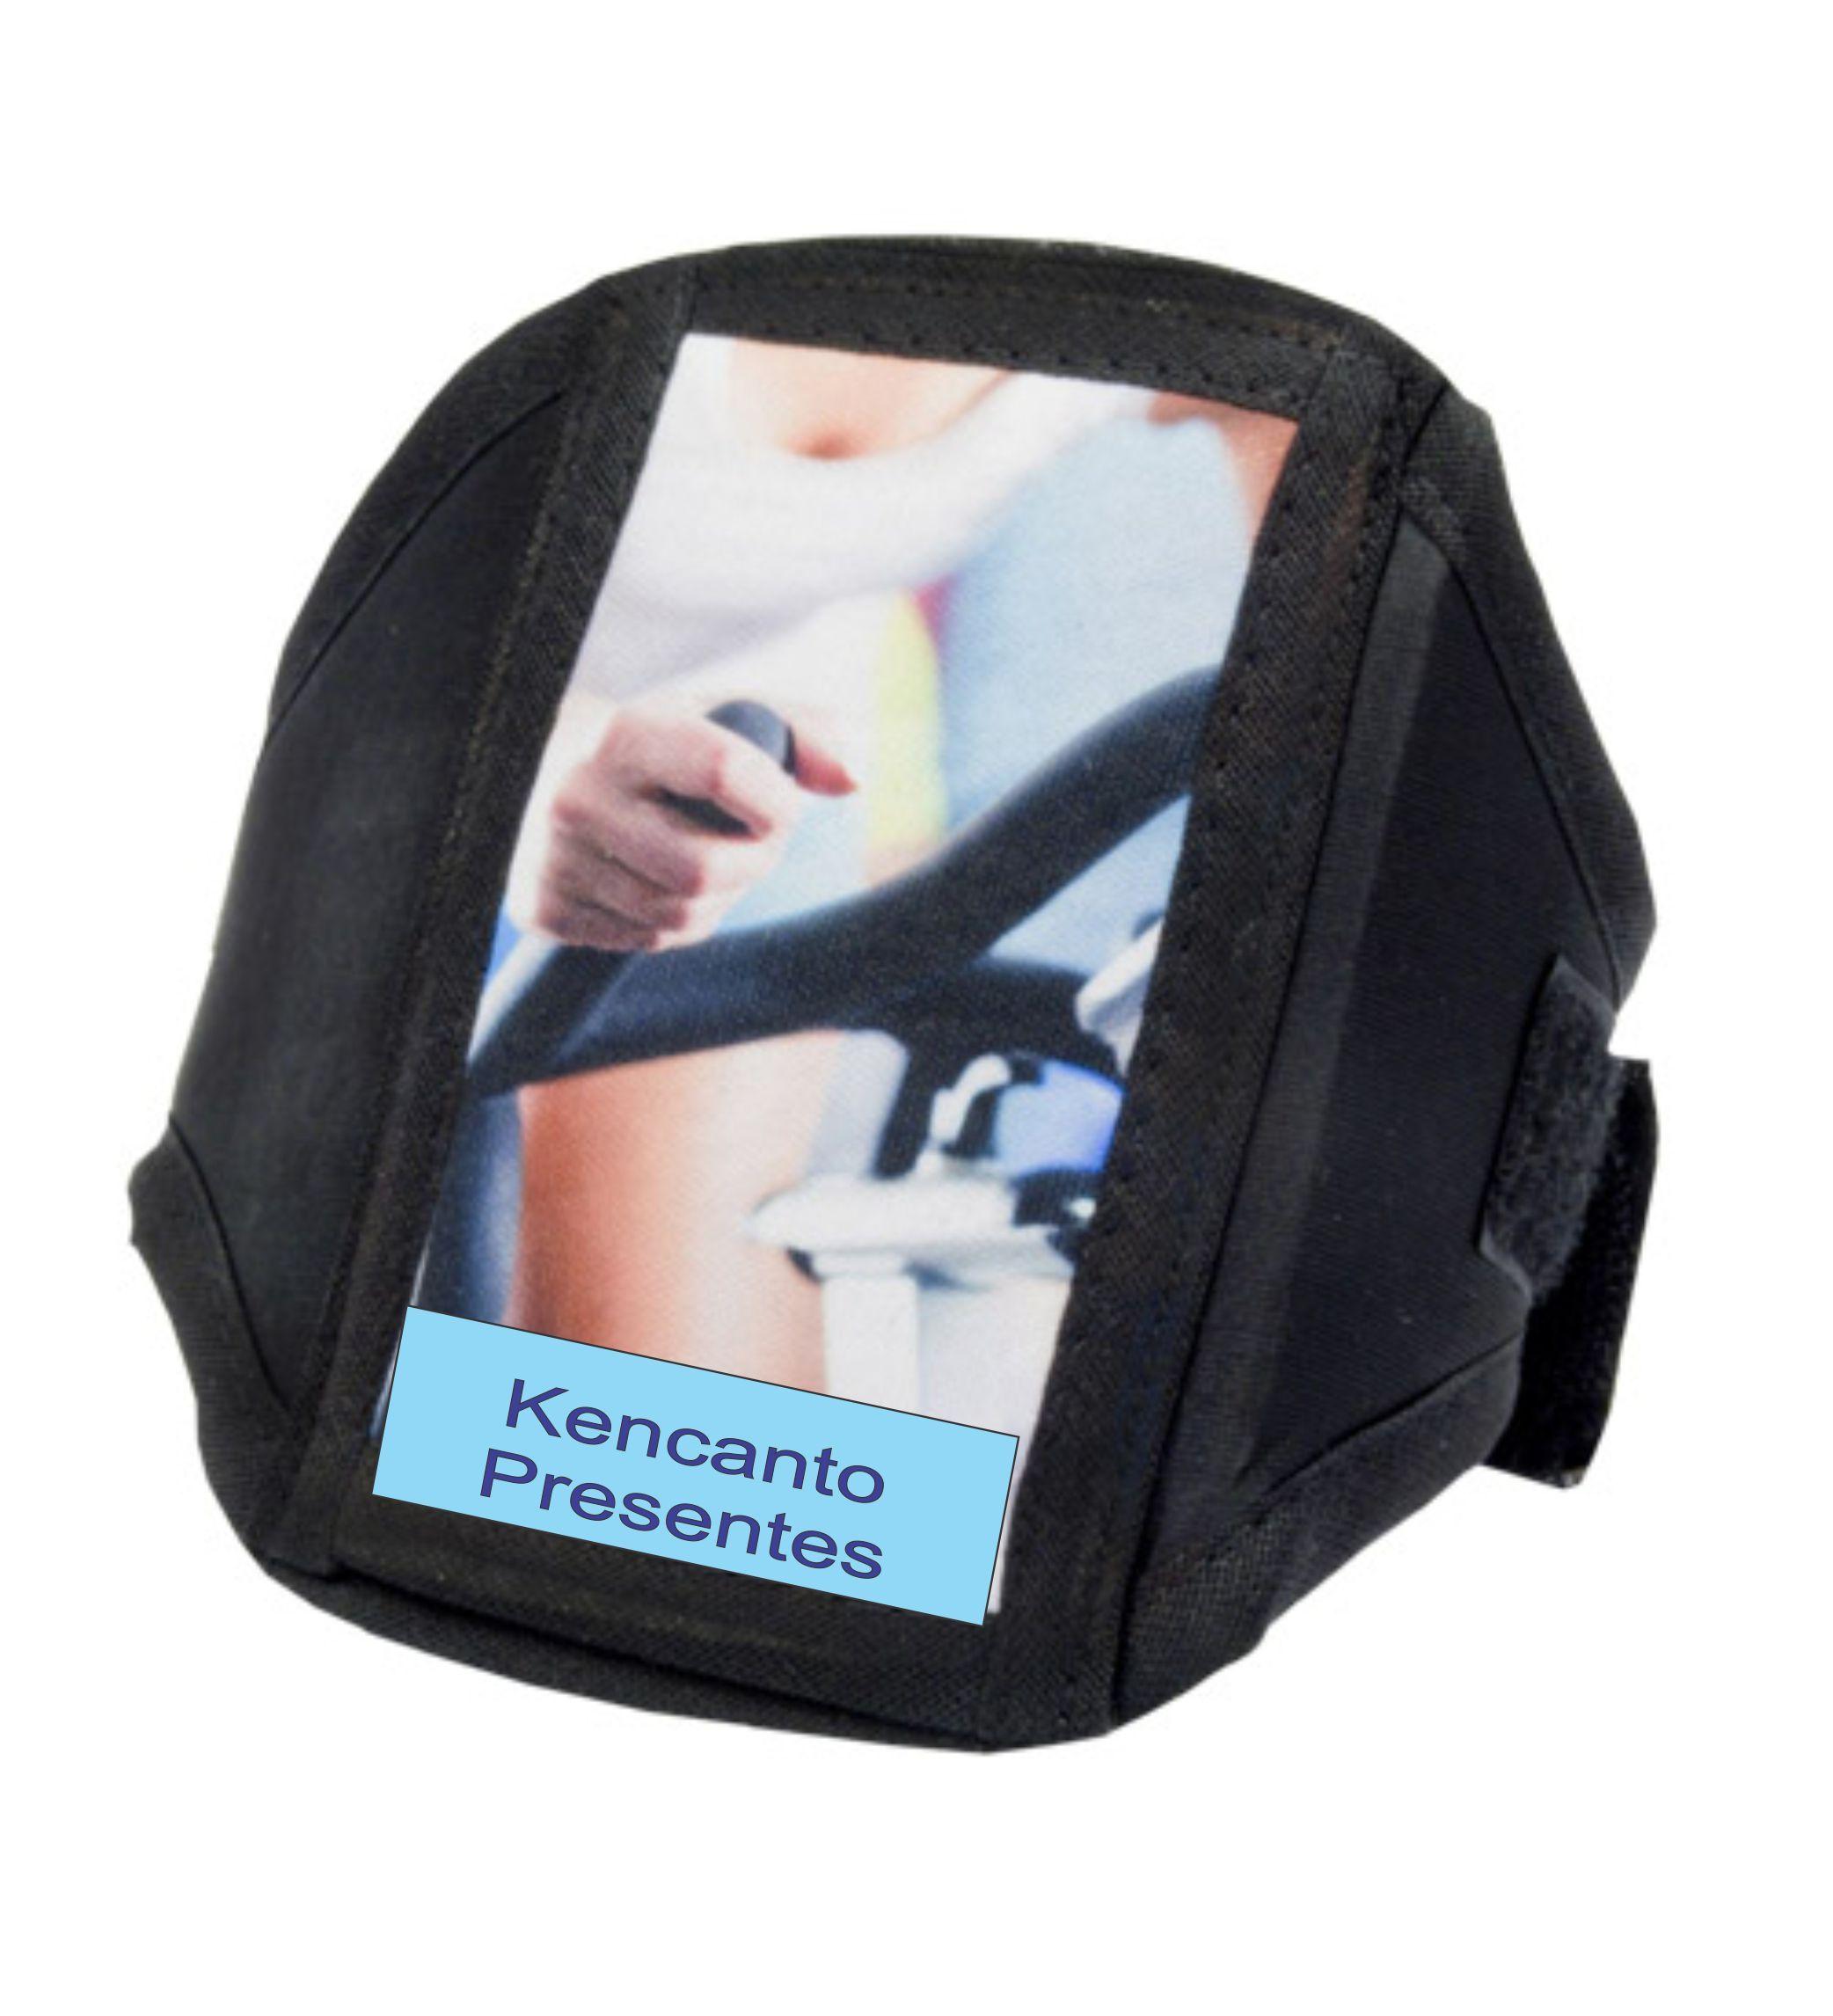 Bolsa Para Carregar Celular No Braço : Porta celular de bra?o kencanto presentes elo